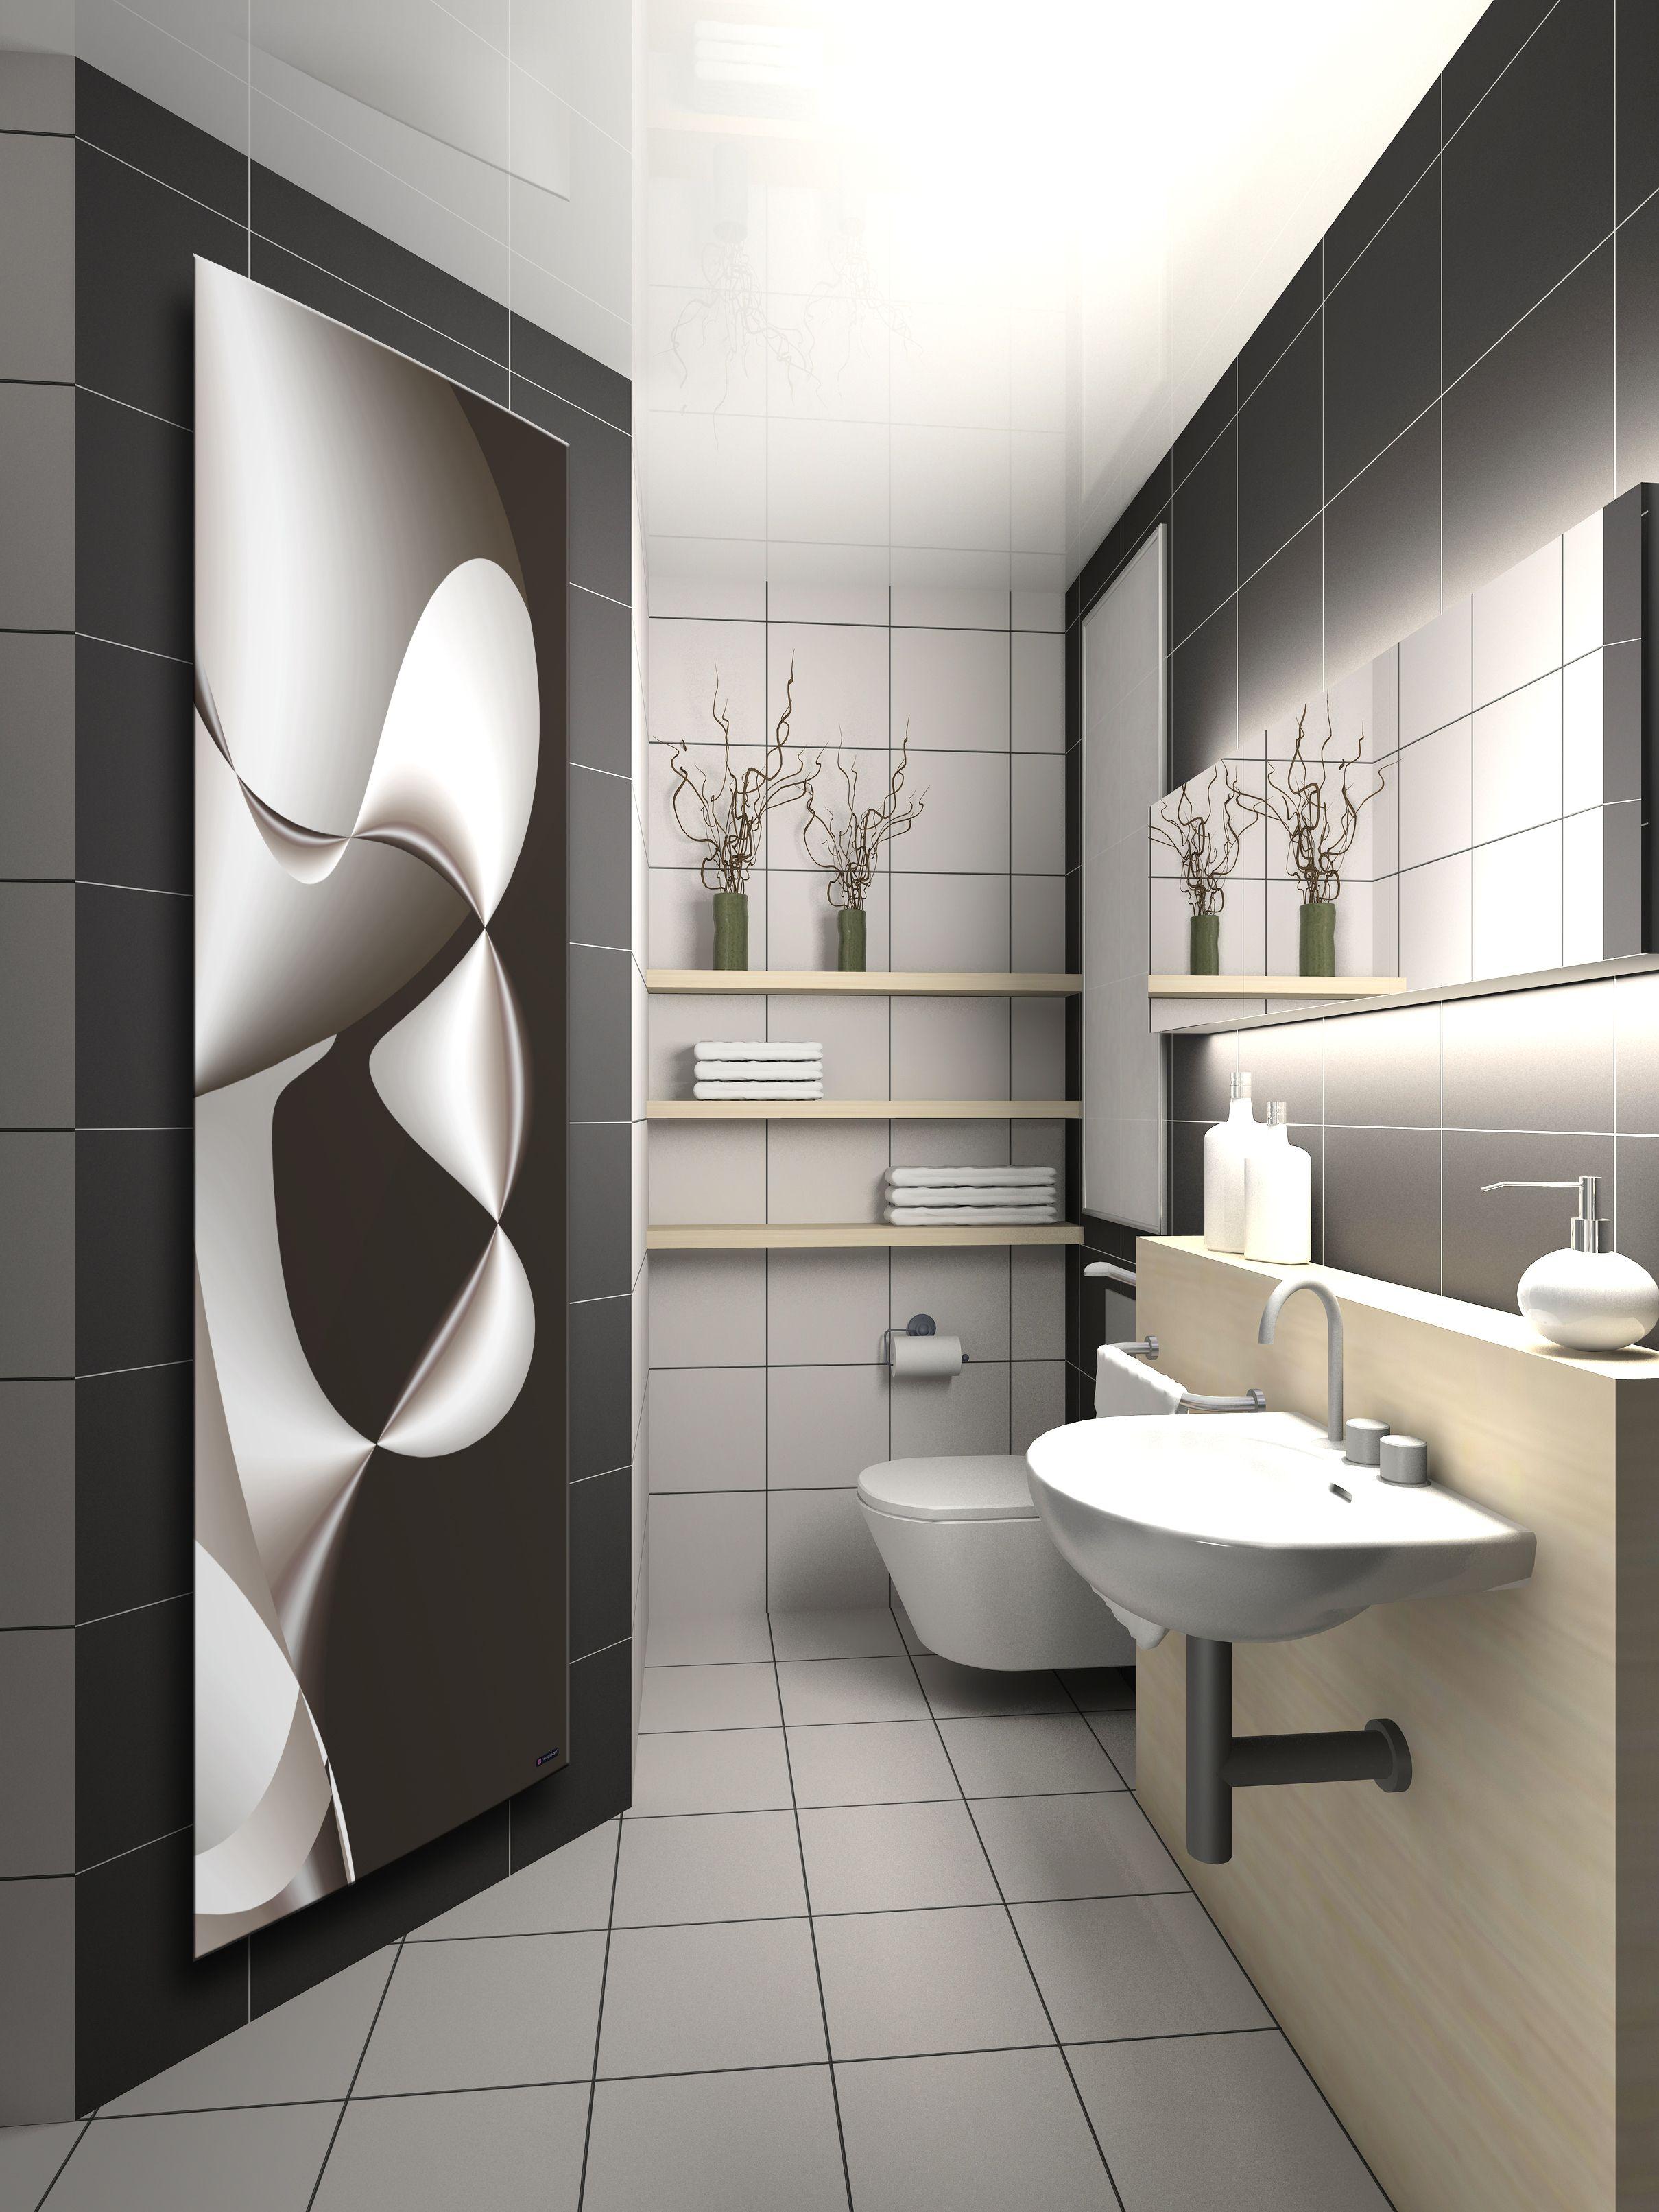 un concept unique de radiateurs artistiques proposant une fa ade d cor e personnalisable et. Black Bedroom Furniture Sets. Home Design Ideas